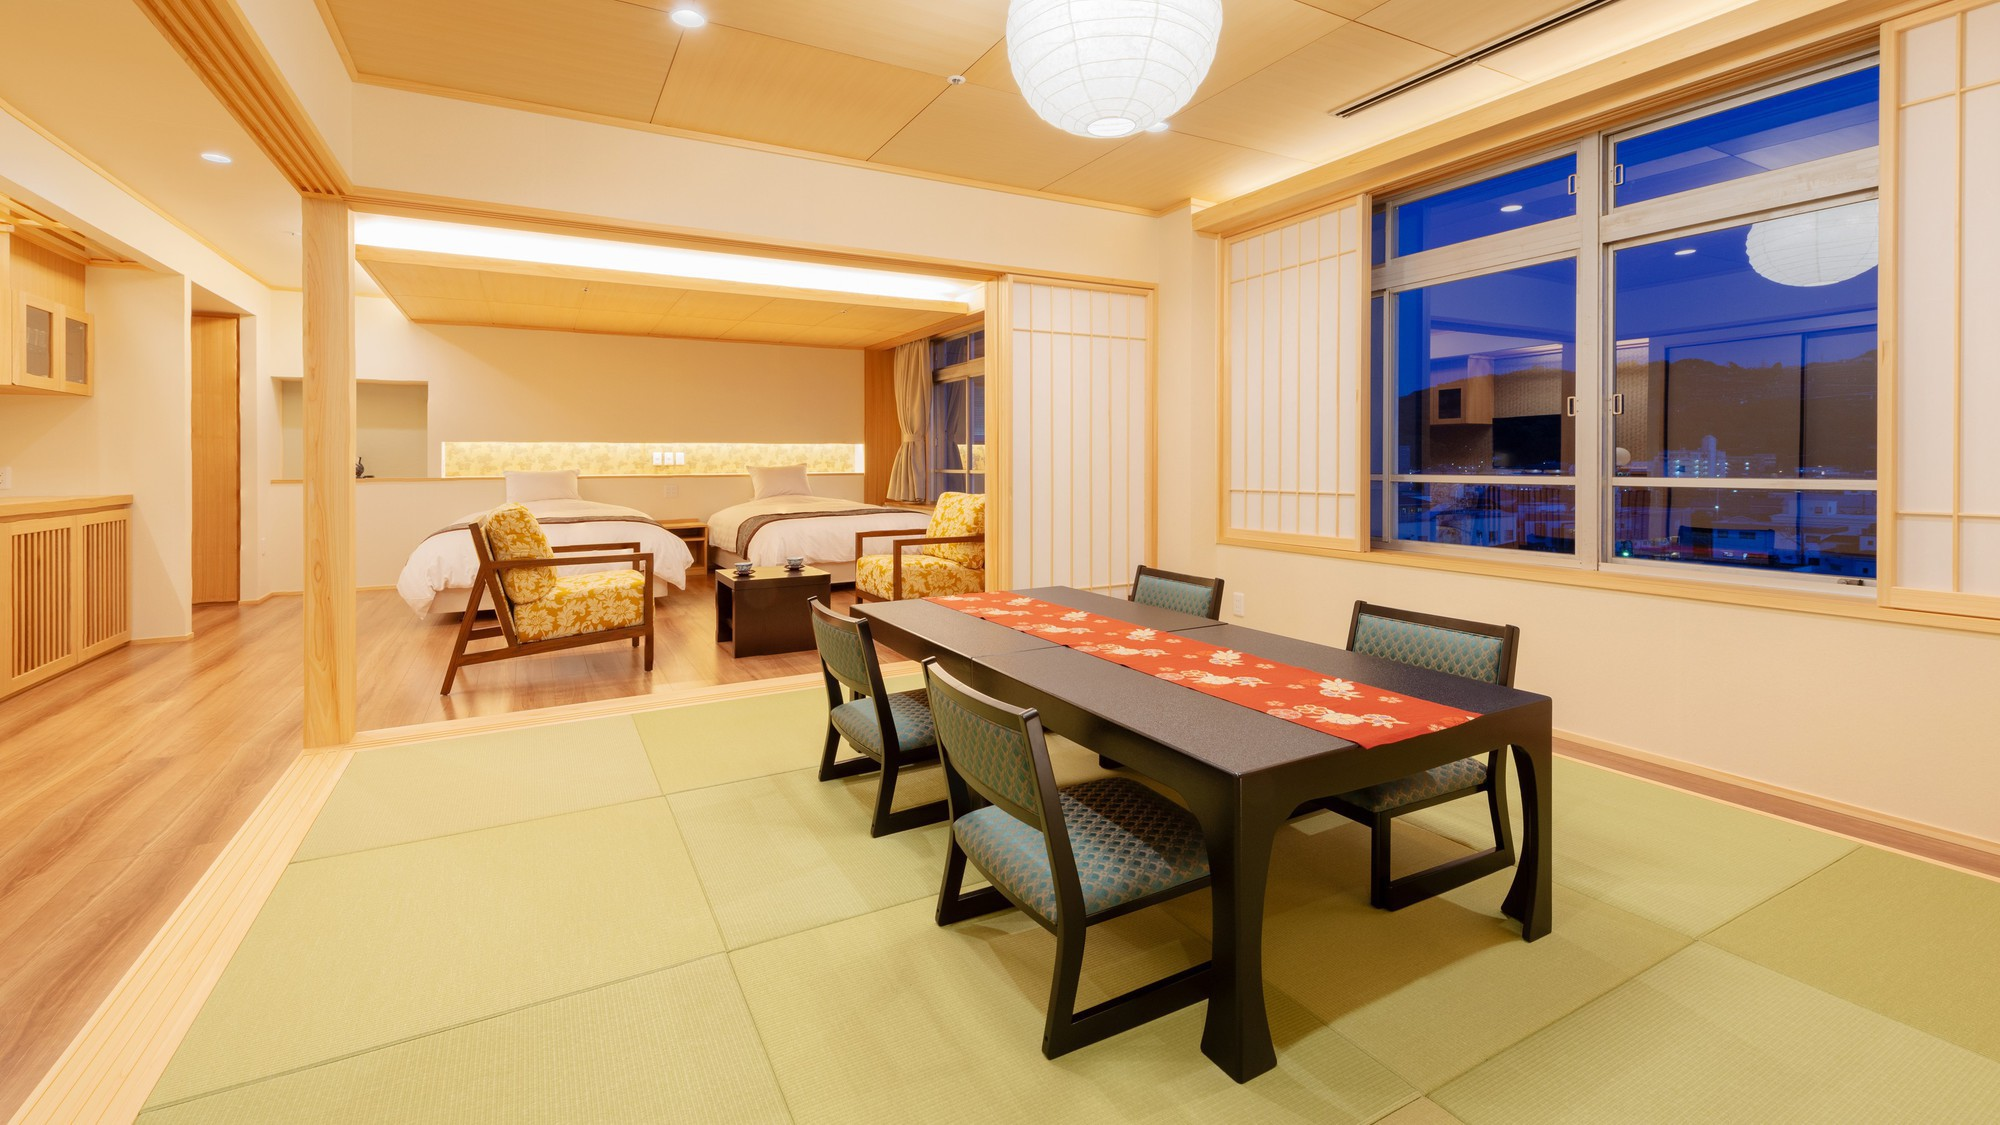 【天誠バリアフリー特別室】土佐ひのきや土佐和紙を使用するなどこだわりの客室